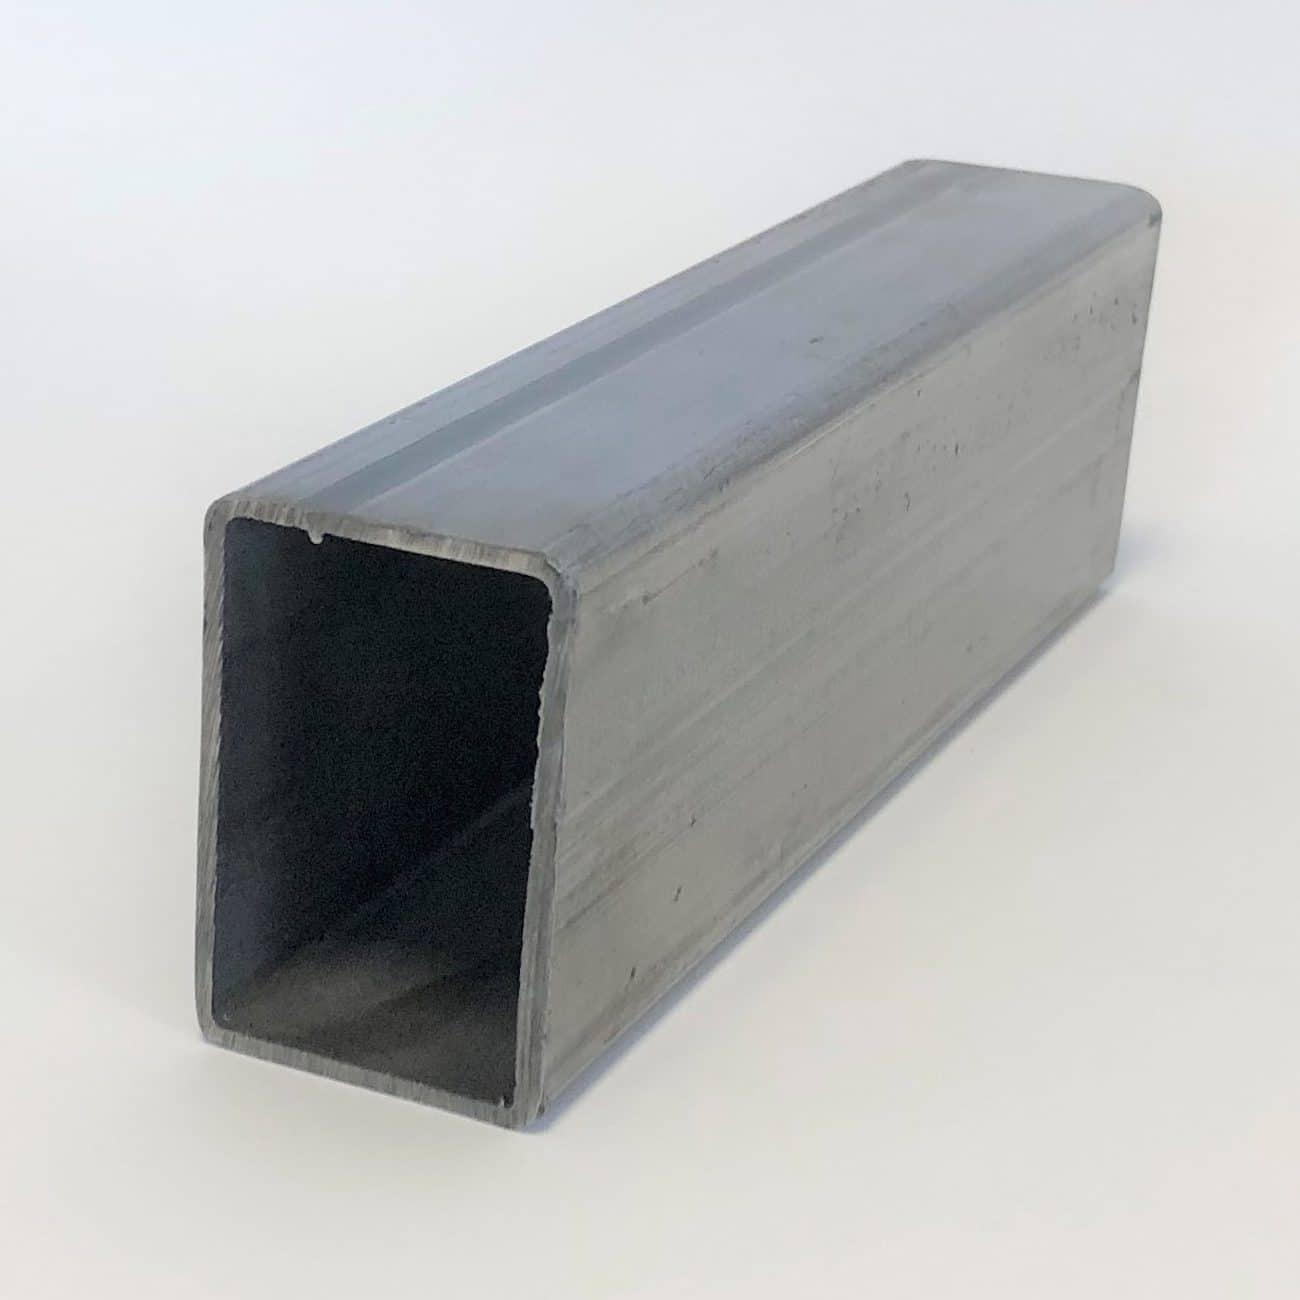 Bild på ett rektangulärt precisionsstålrör fyrkantsrör från Bromma Stål